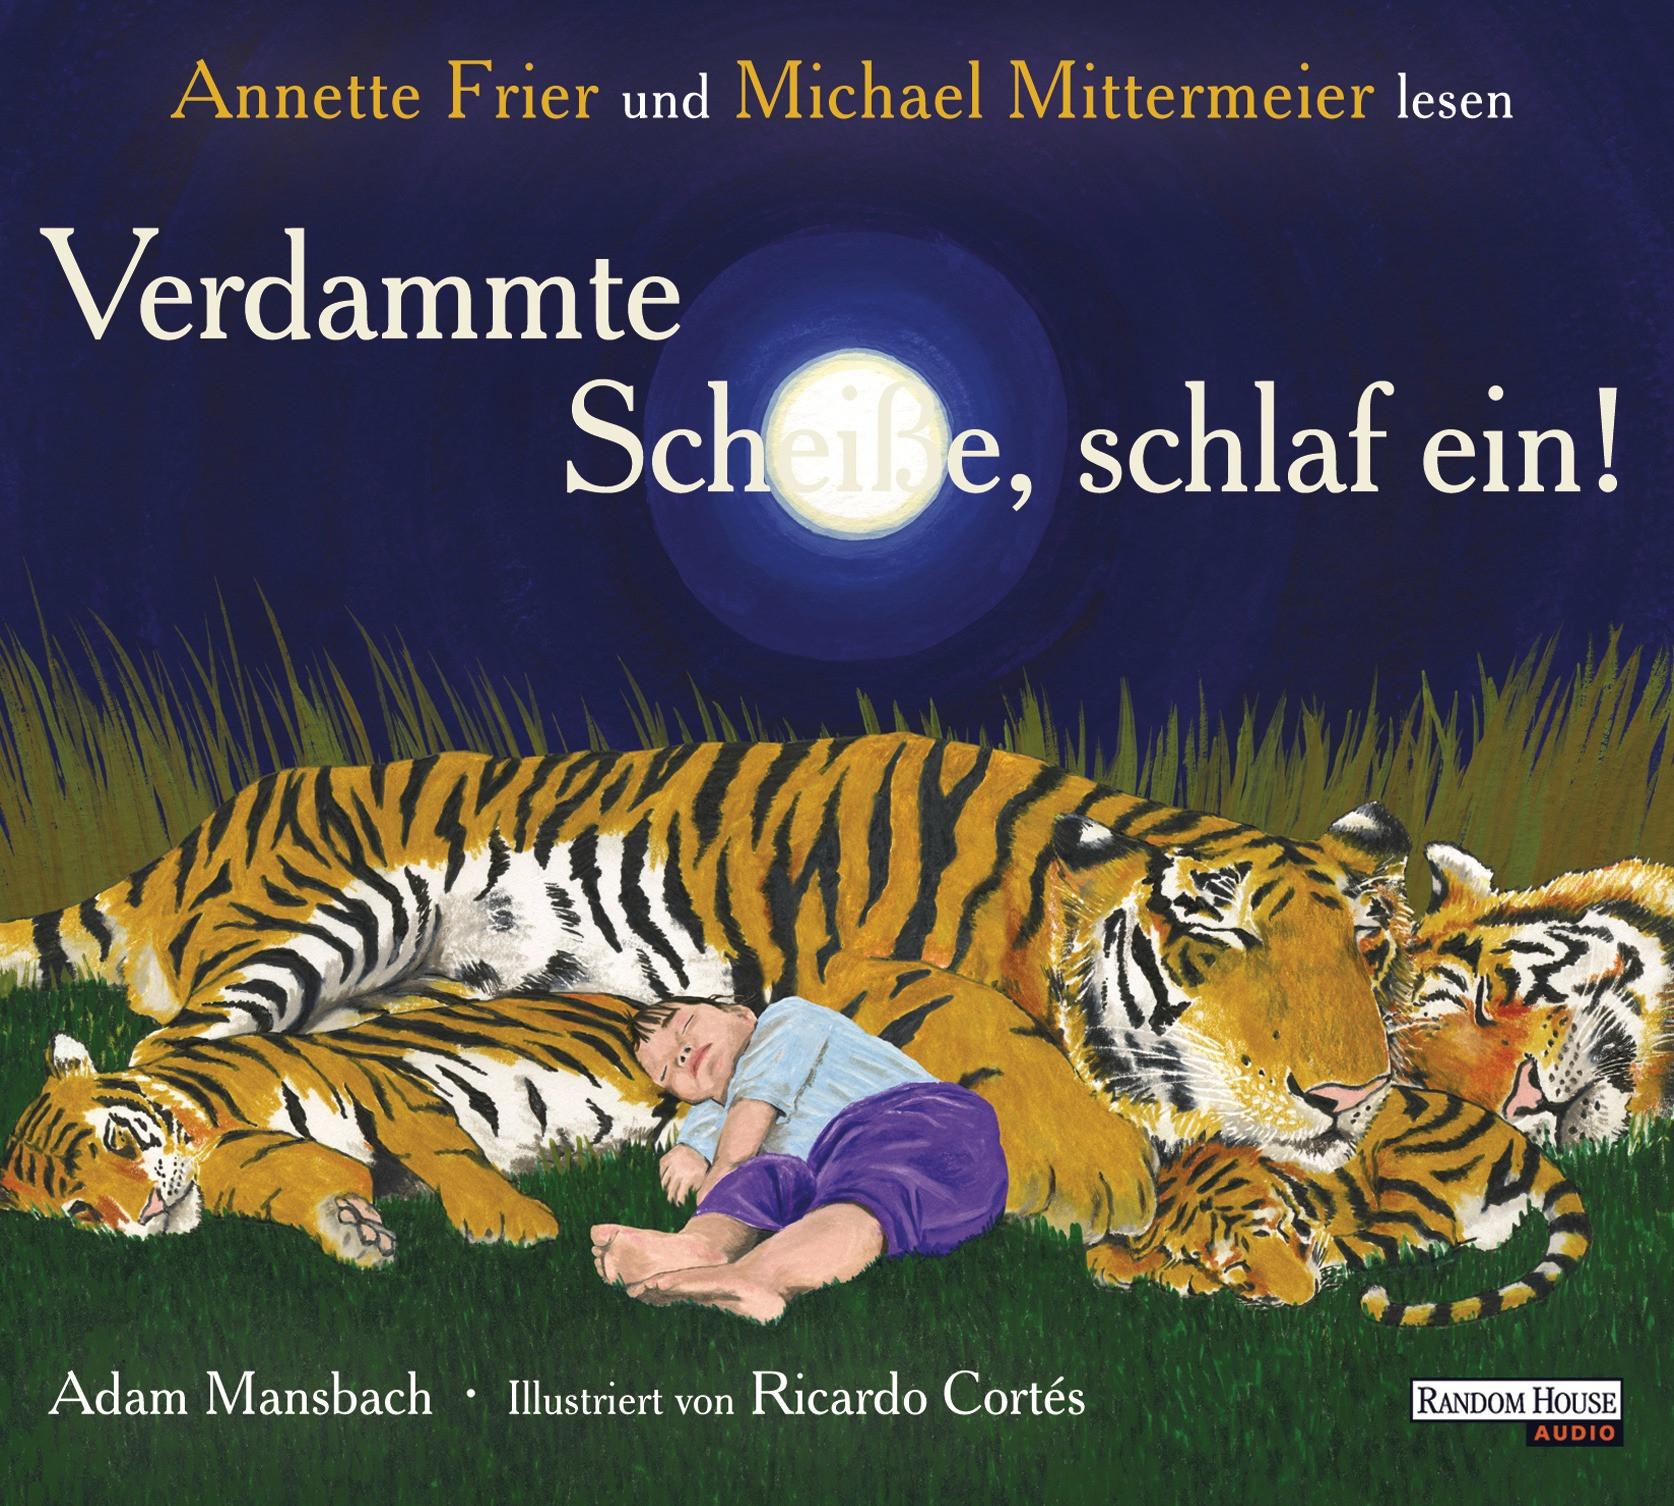 Adam Mansbach - Verdammte Scheiße, schlaf ein!